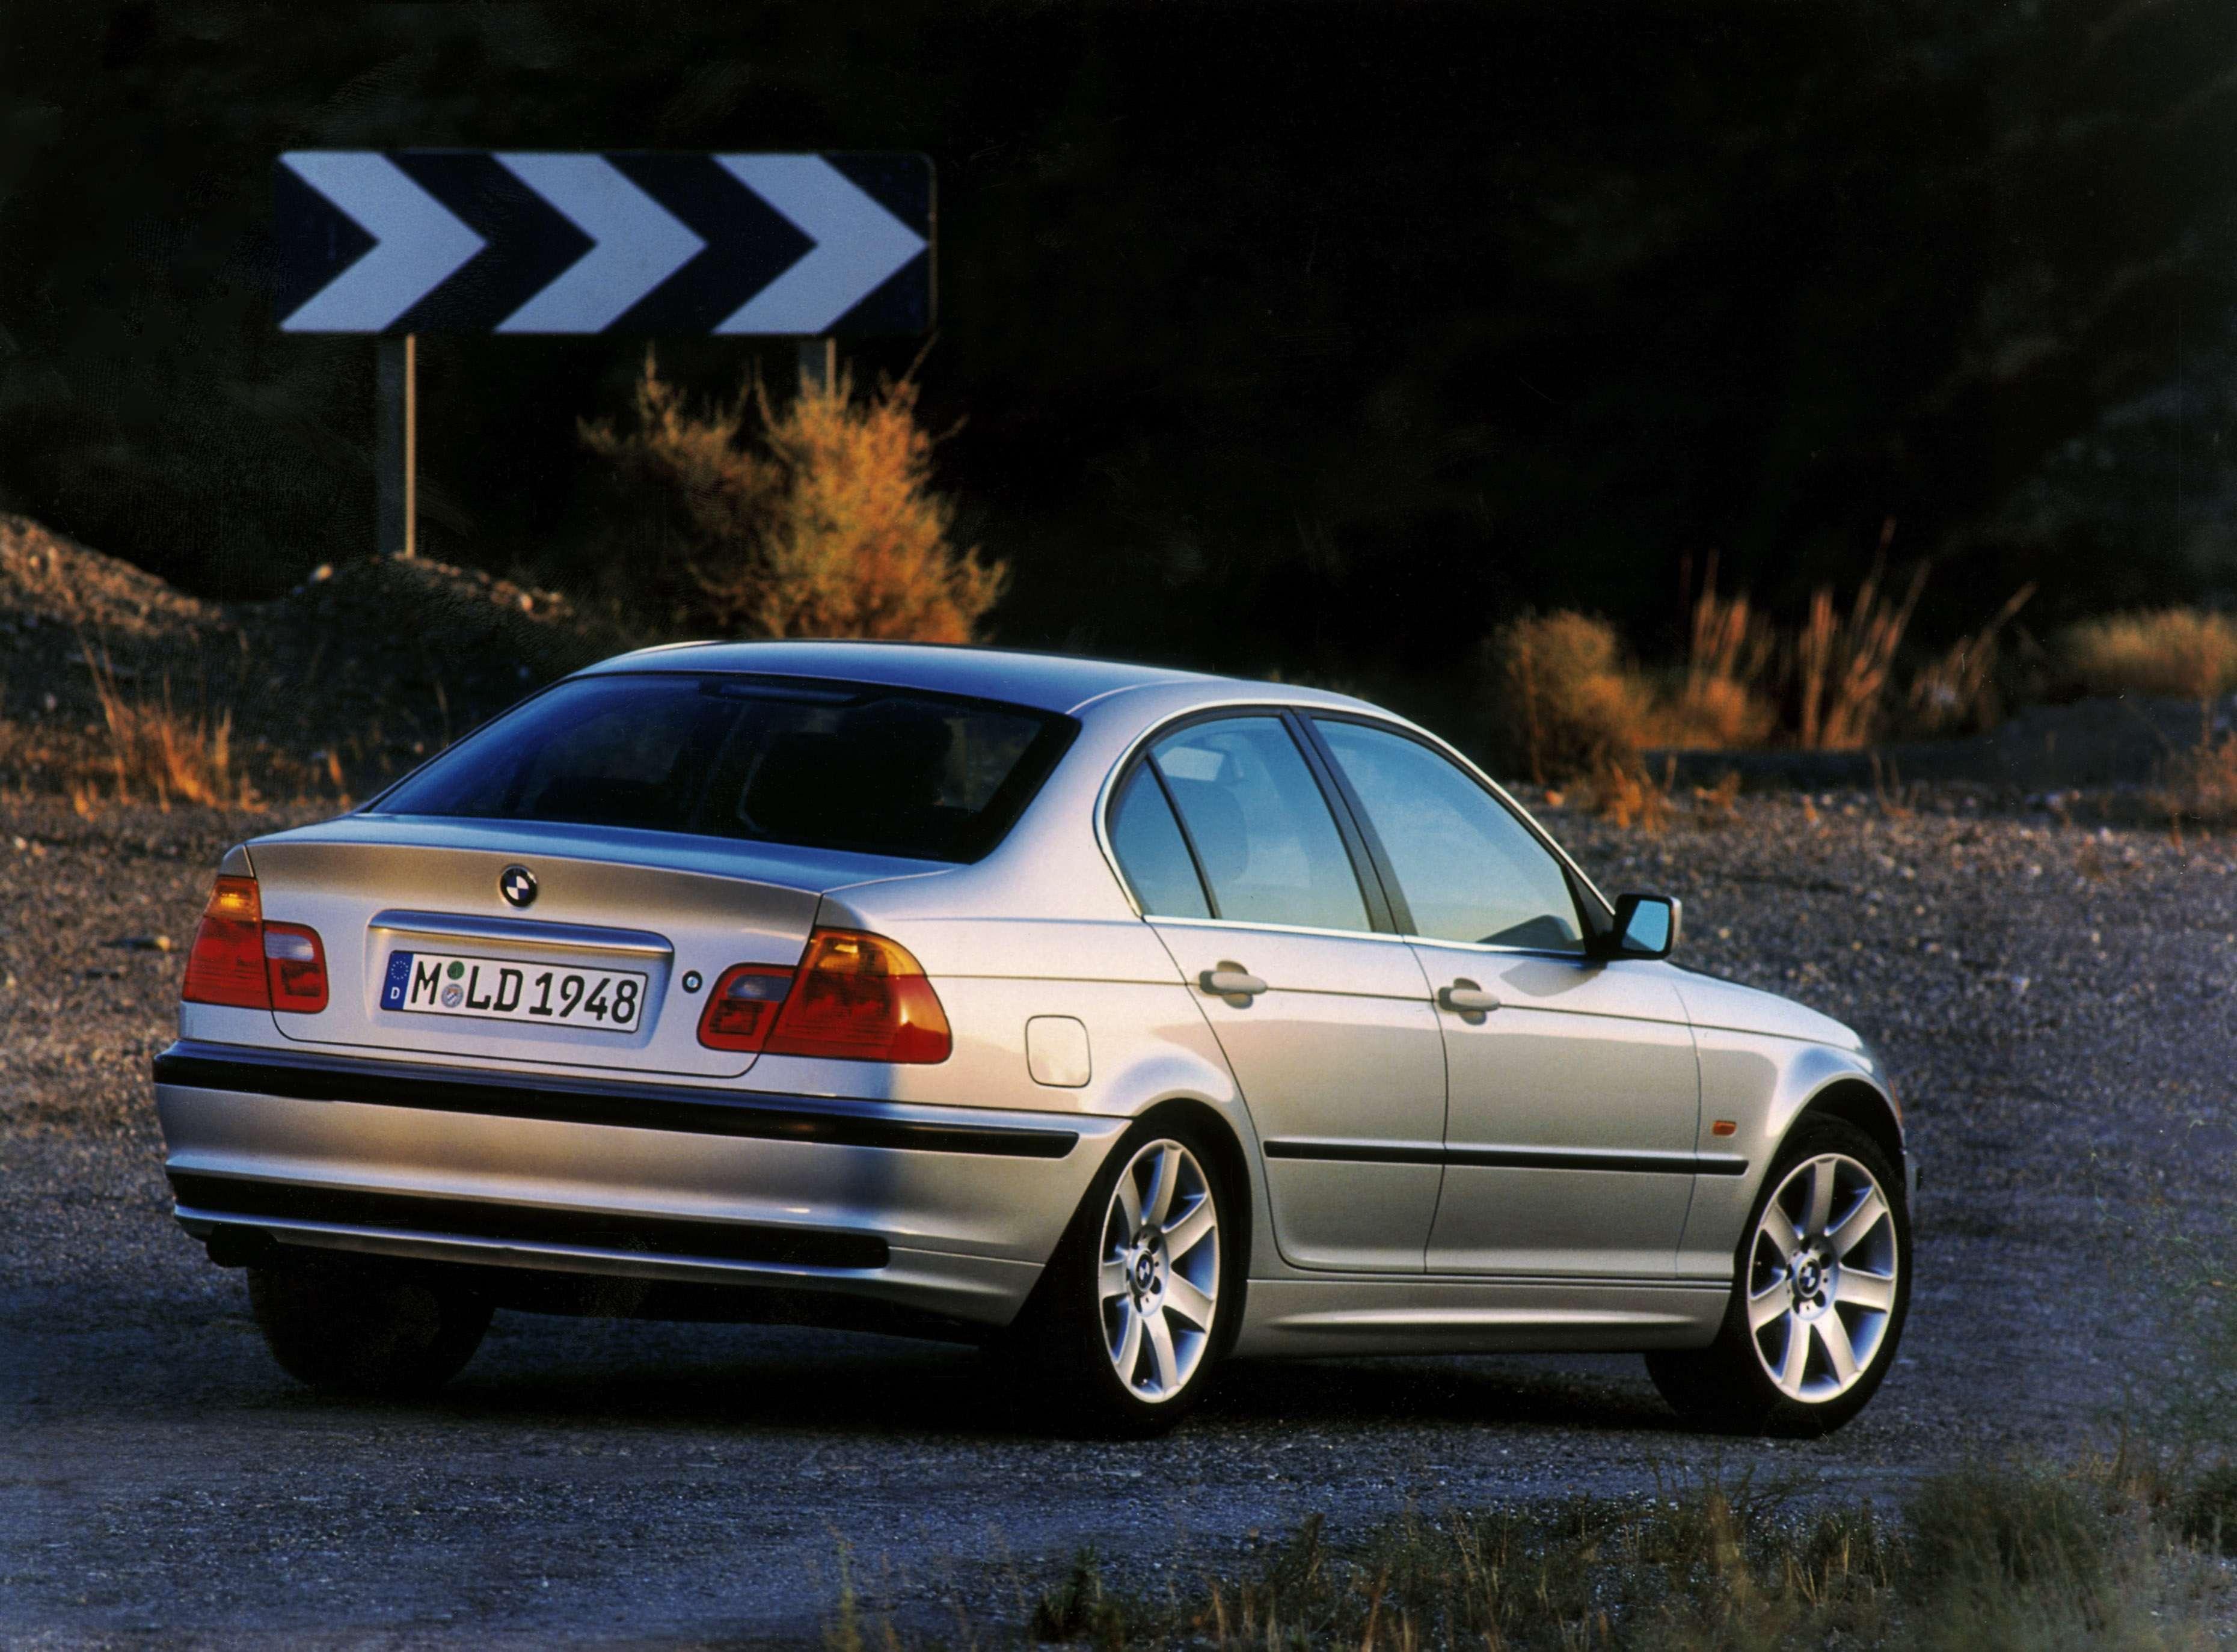 Falha pode afetar modelos Série 3, fabricados entre 1998 e 2006 Foto: Divulgação